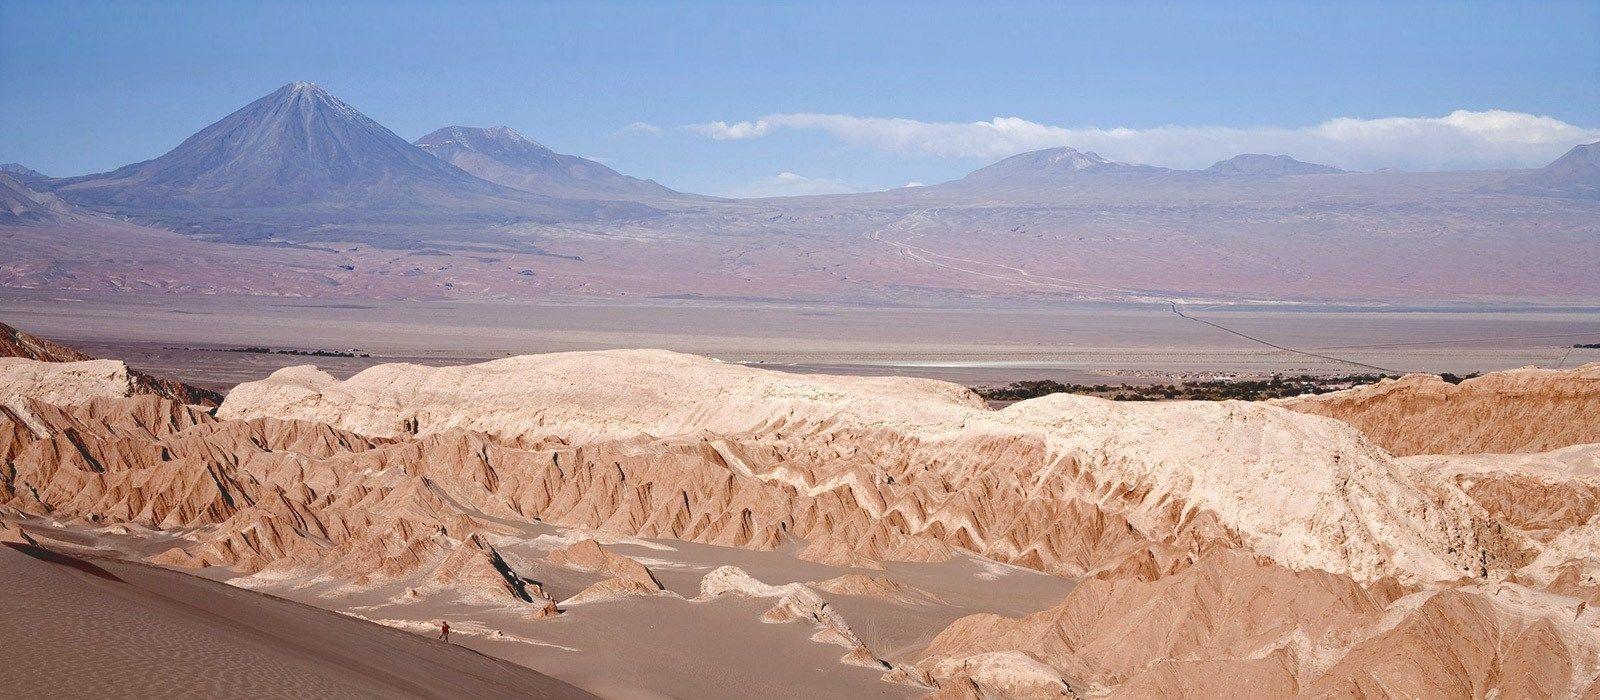 Bolivien & Chile – Abenteuerreise in der Wüste Urlaub 3